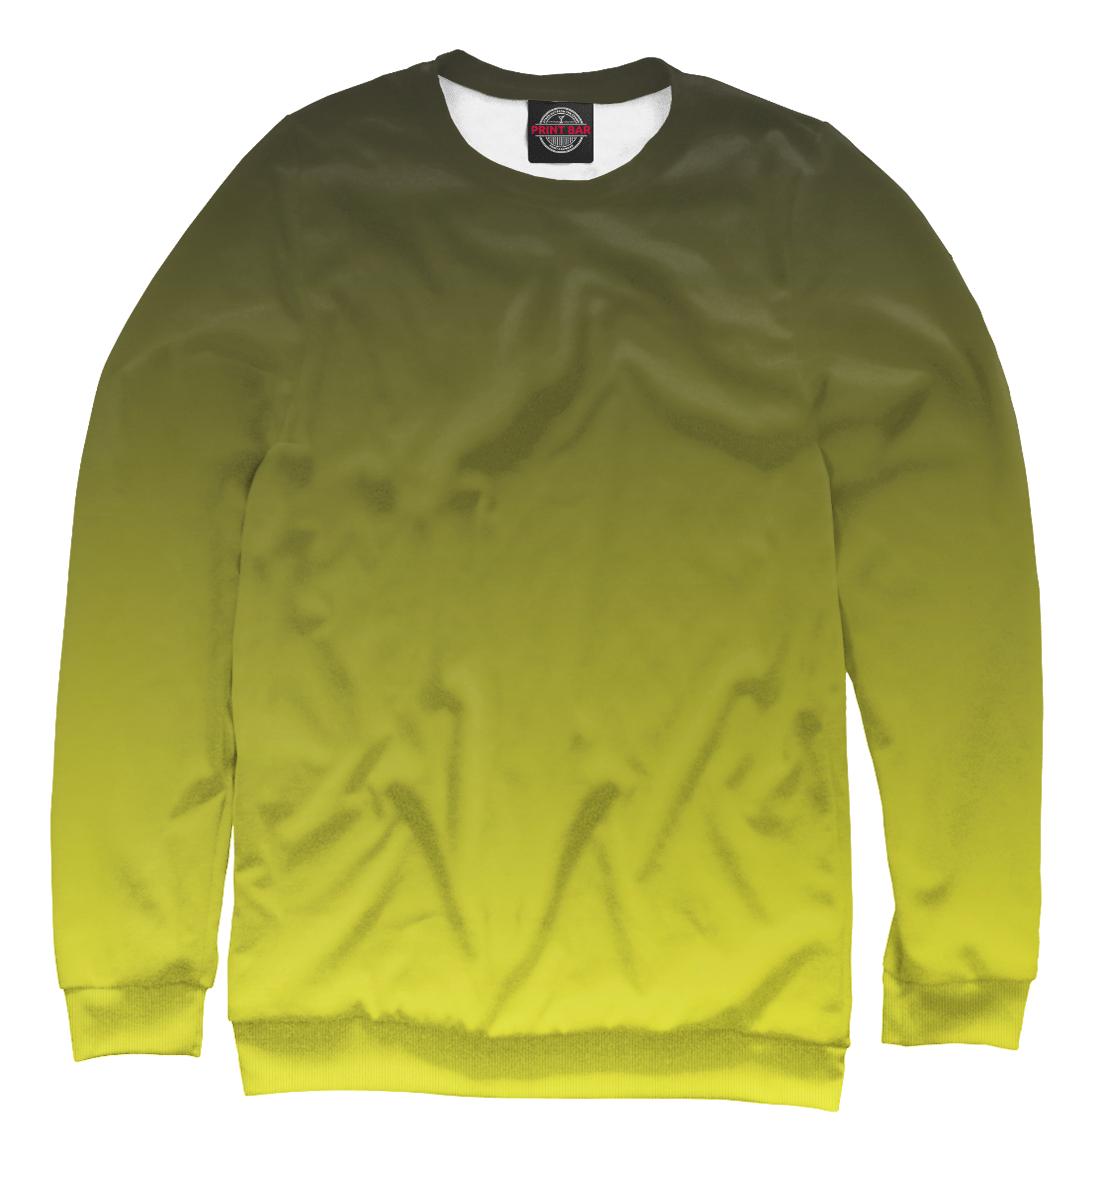 Купить Градиент Желтый в Черный, Printbar, Свитшоты, CLR-807785-swi-2